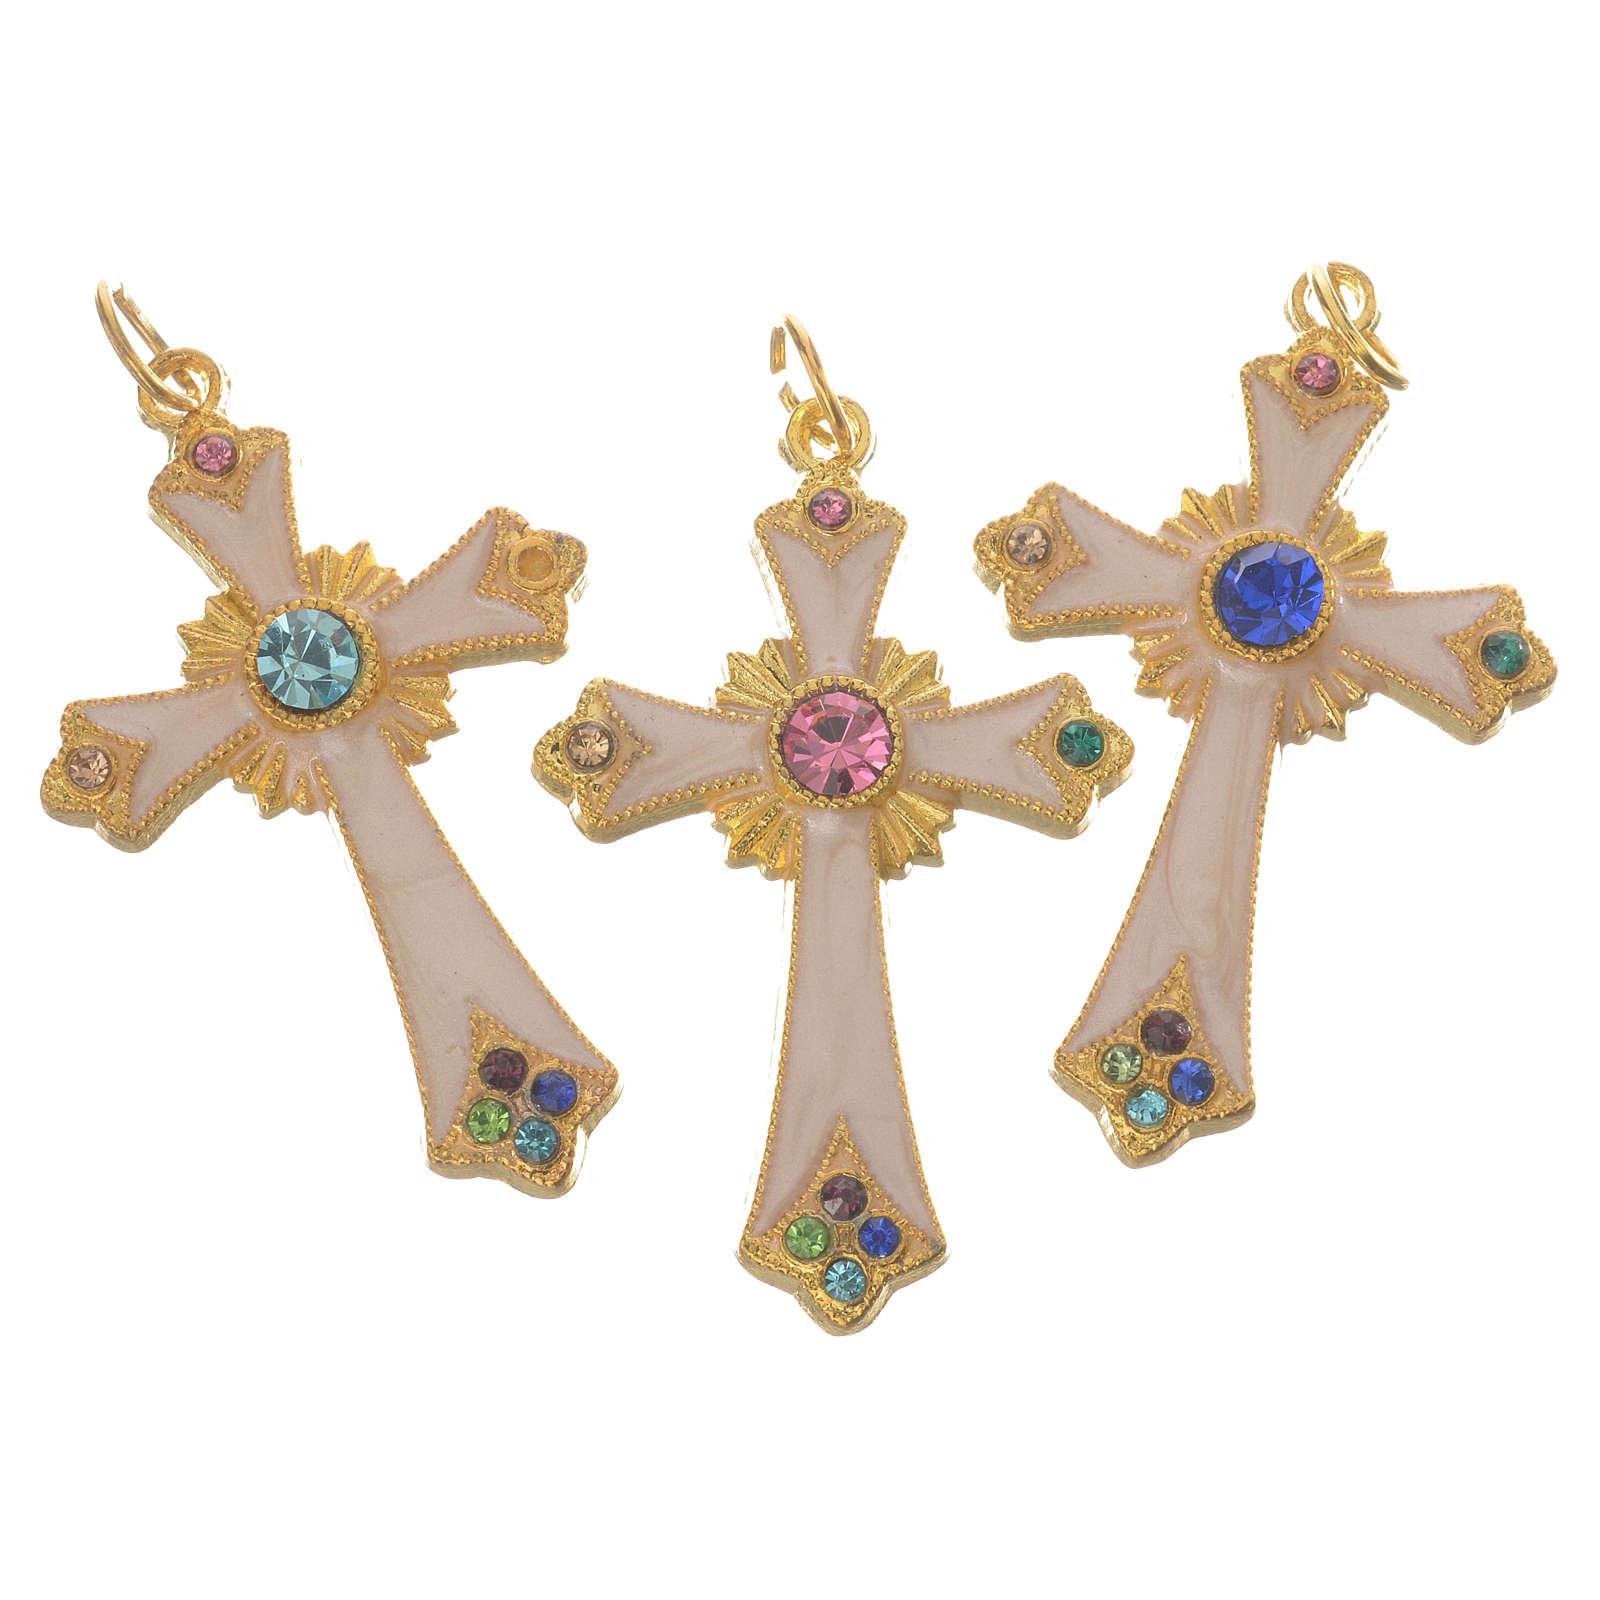 Croce pendente metallo dorato 4